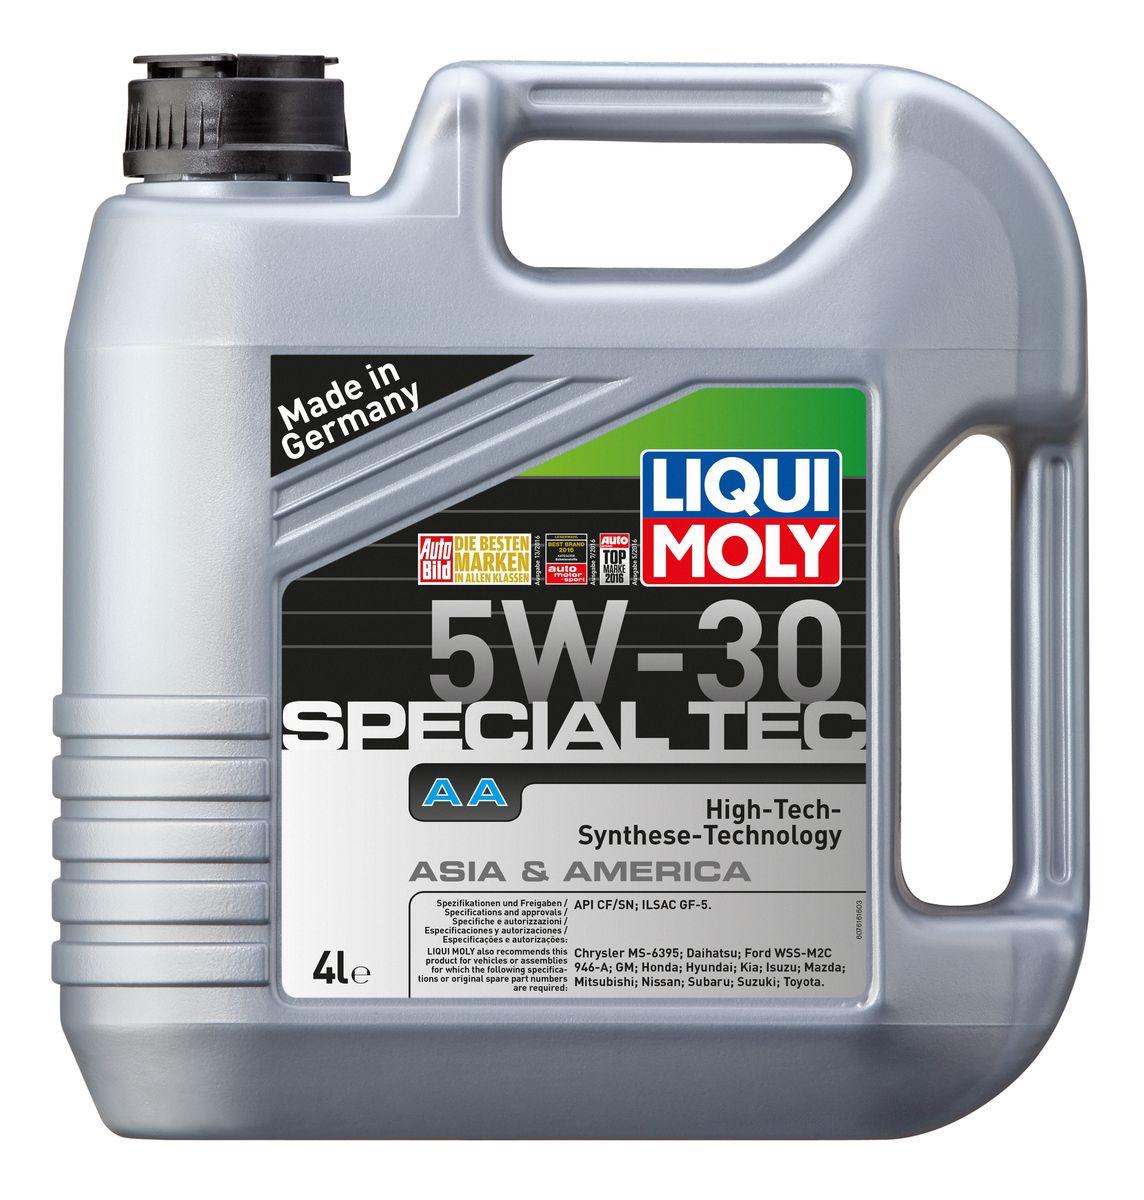 Масло моторное Liqui Moly Special Tec AA, НС-синтетическое, 5W-30, 4 л7516Масло моторное Liqui Moly Special Tec AA рекомендуется для автомобилей Honda, Mazda, Mitsubishi, Nissan, Daihatsu, Hyundai, Kia, Isuzu, Suzuki, Toyota, Subaru, Ford, Chrysler, GM. Современное HC-синтетическое энергосберегающее моторное масло специально разработано для всесезонного использования в большинстве двигателей современных американских и азиатских бензиновых автомобилей. Базовые масла, полученные по технологии синтеза, и новейшие присадки составляют рецептуру моторного масла с отменной защитой от износа, снижающего расход топлива и масла, обеспечивающего чистоту двигателя и максимально быстрое поступление к трущимся деталям. Особенности: - Быстрое поступление масла ко всем деталям двигателя при низких температурах- Высочайшие показатели топливной экономии- Сокращает эмиссию выхлопных газов- Отличная чистота двигателя- Совместимо с новейшими системами нейтрализации отработавших газов бензиновых двигателей- Высокая защита от износа и надежность смазывания- Очень низкие потери масла на испарениеМоторное масло Special Tec АА 5W-30 соответствует специальным требованиям азиатских и американских производителей, поэтому его использование позволяет сохранить все гарантийные условия при прохождении ТО соответствующих автомобилей. Допуск: -API: SN/CF-ILSAC: GF-5